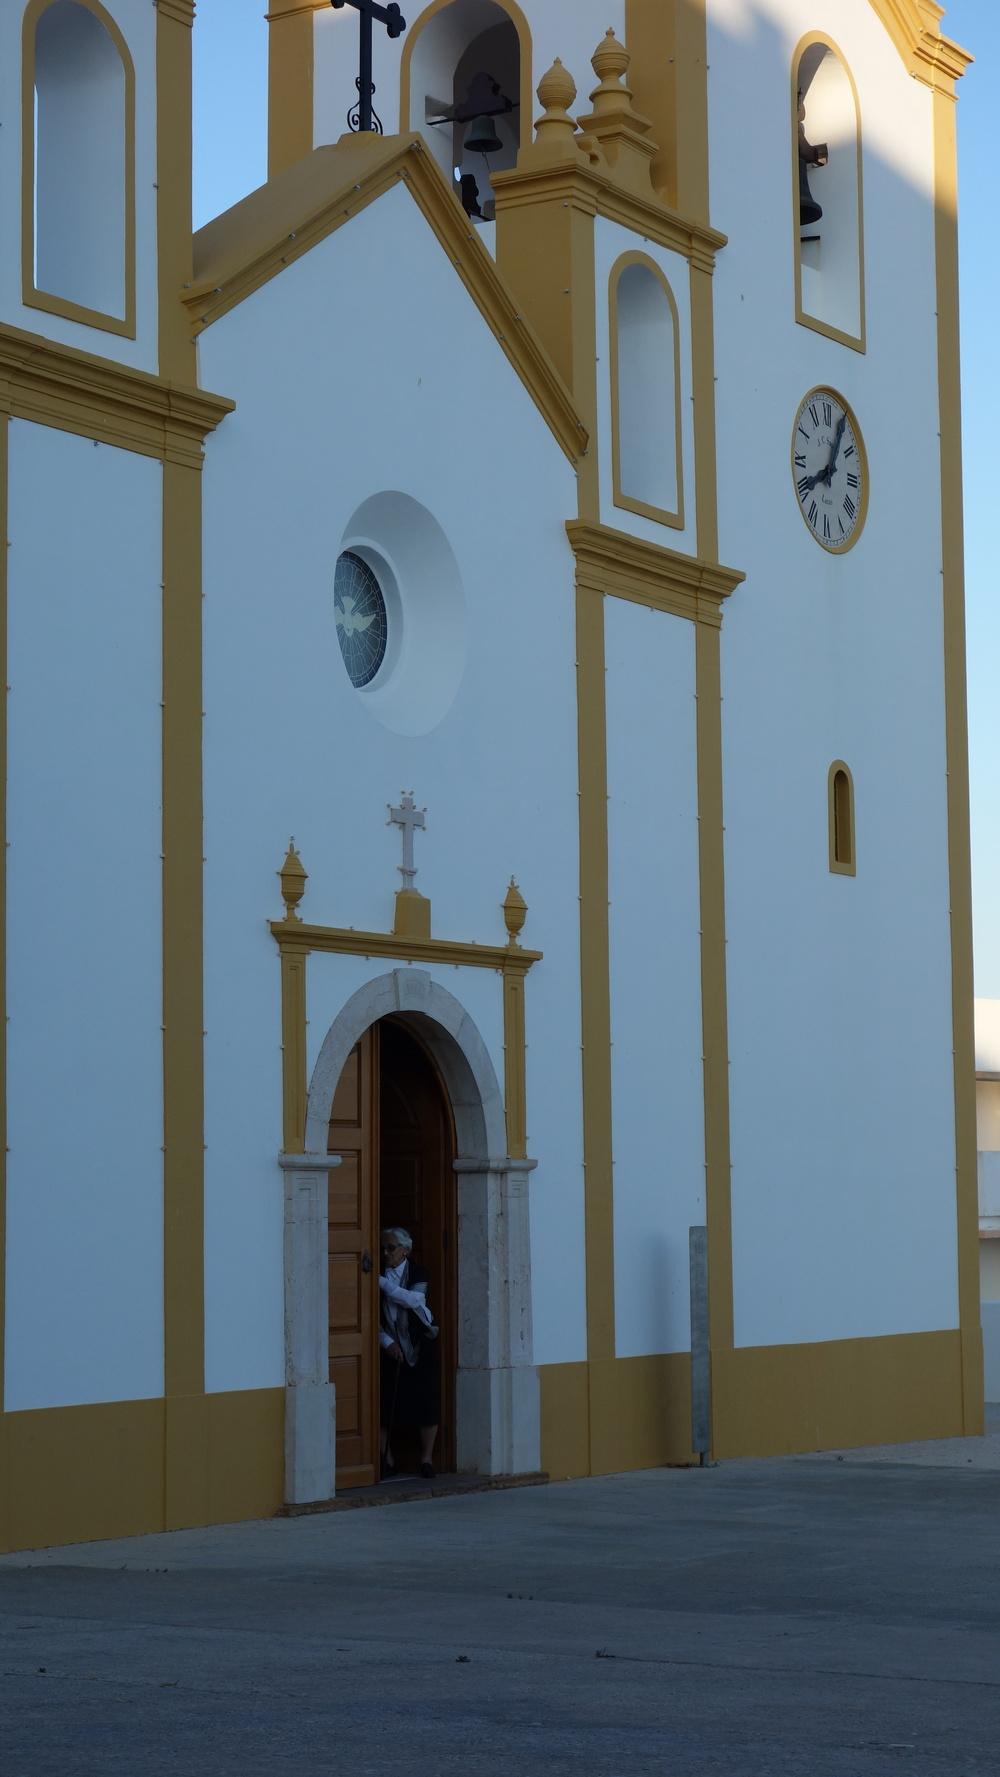 Town church in Praia da Luz